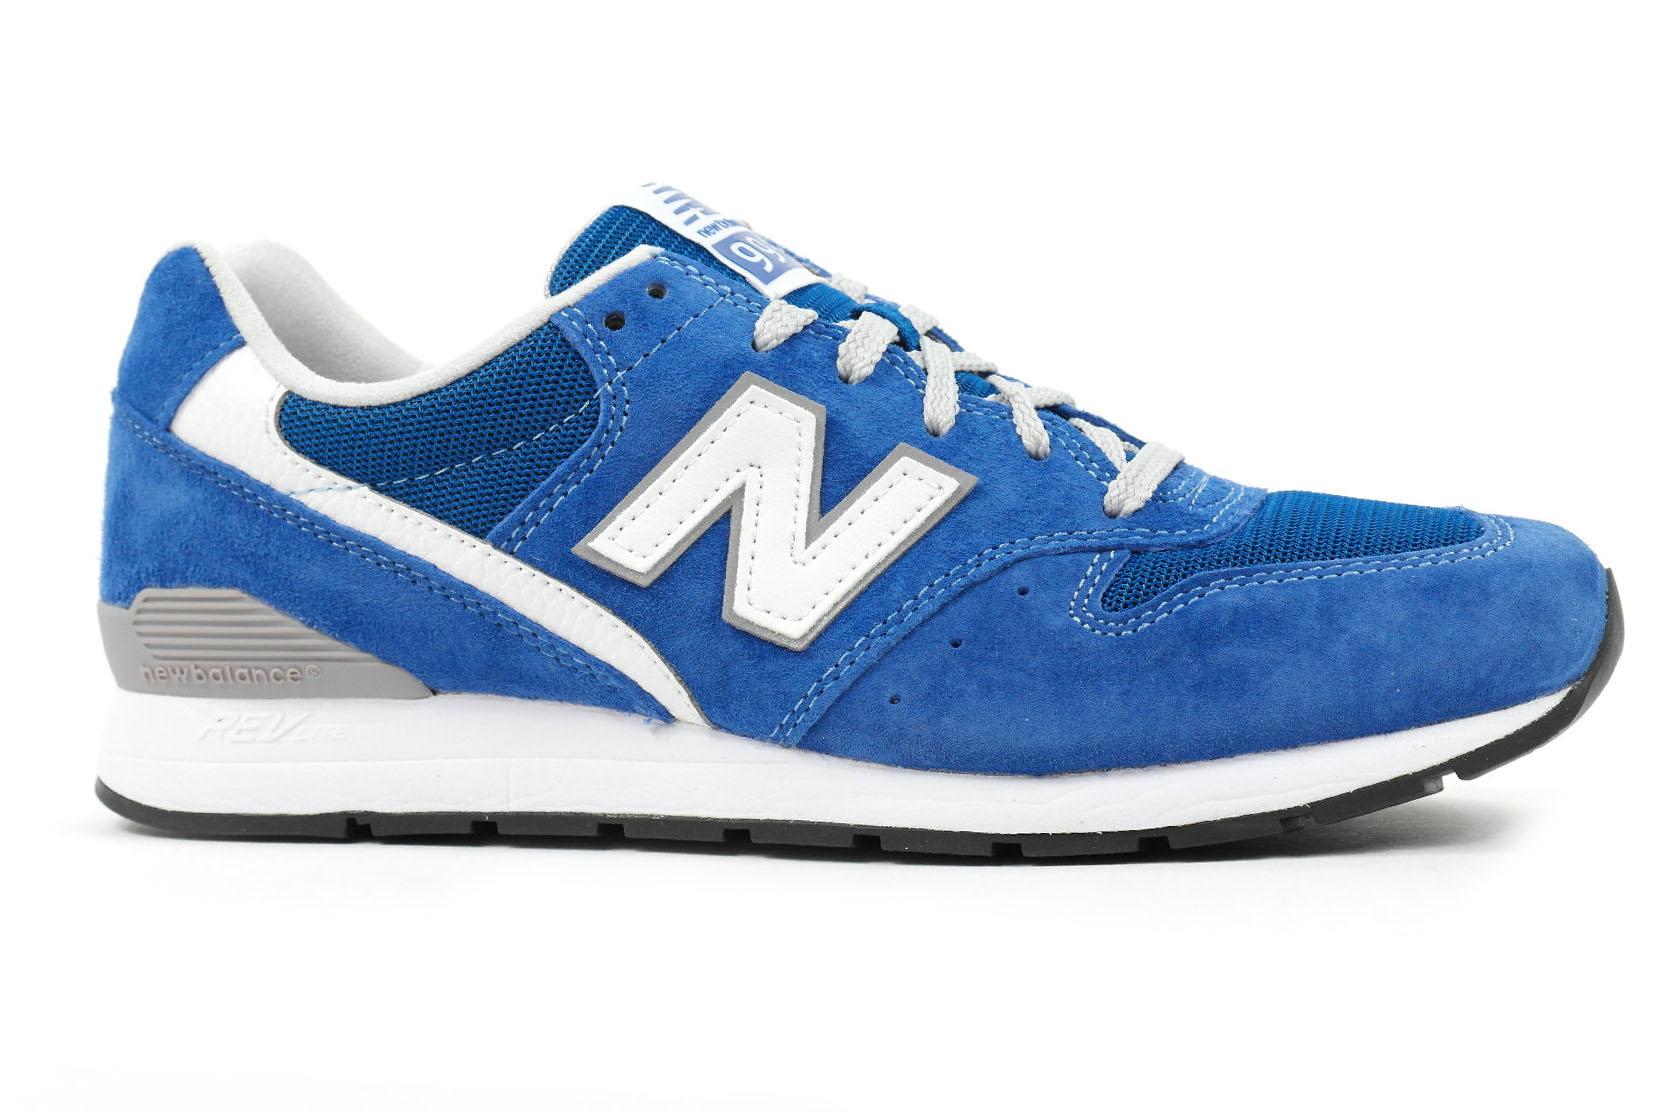 New Balance 996 Mrl Kc Heren Sneakers kopen in de aanbieding